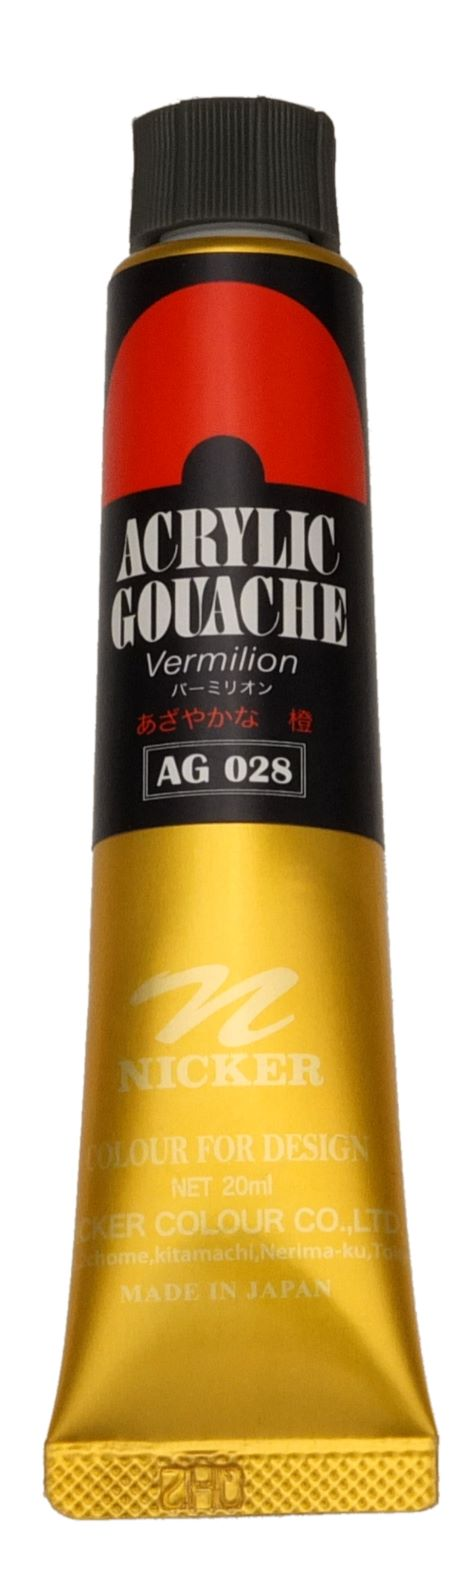 ACRYLIC GOUACHE 20ml AG028 VERMILION